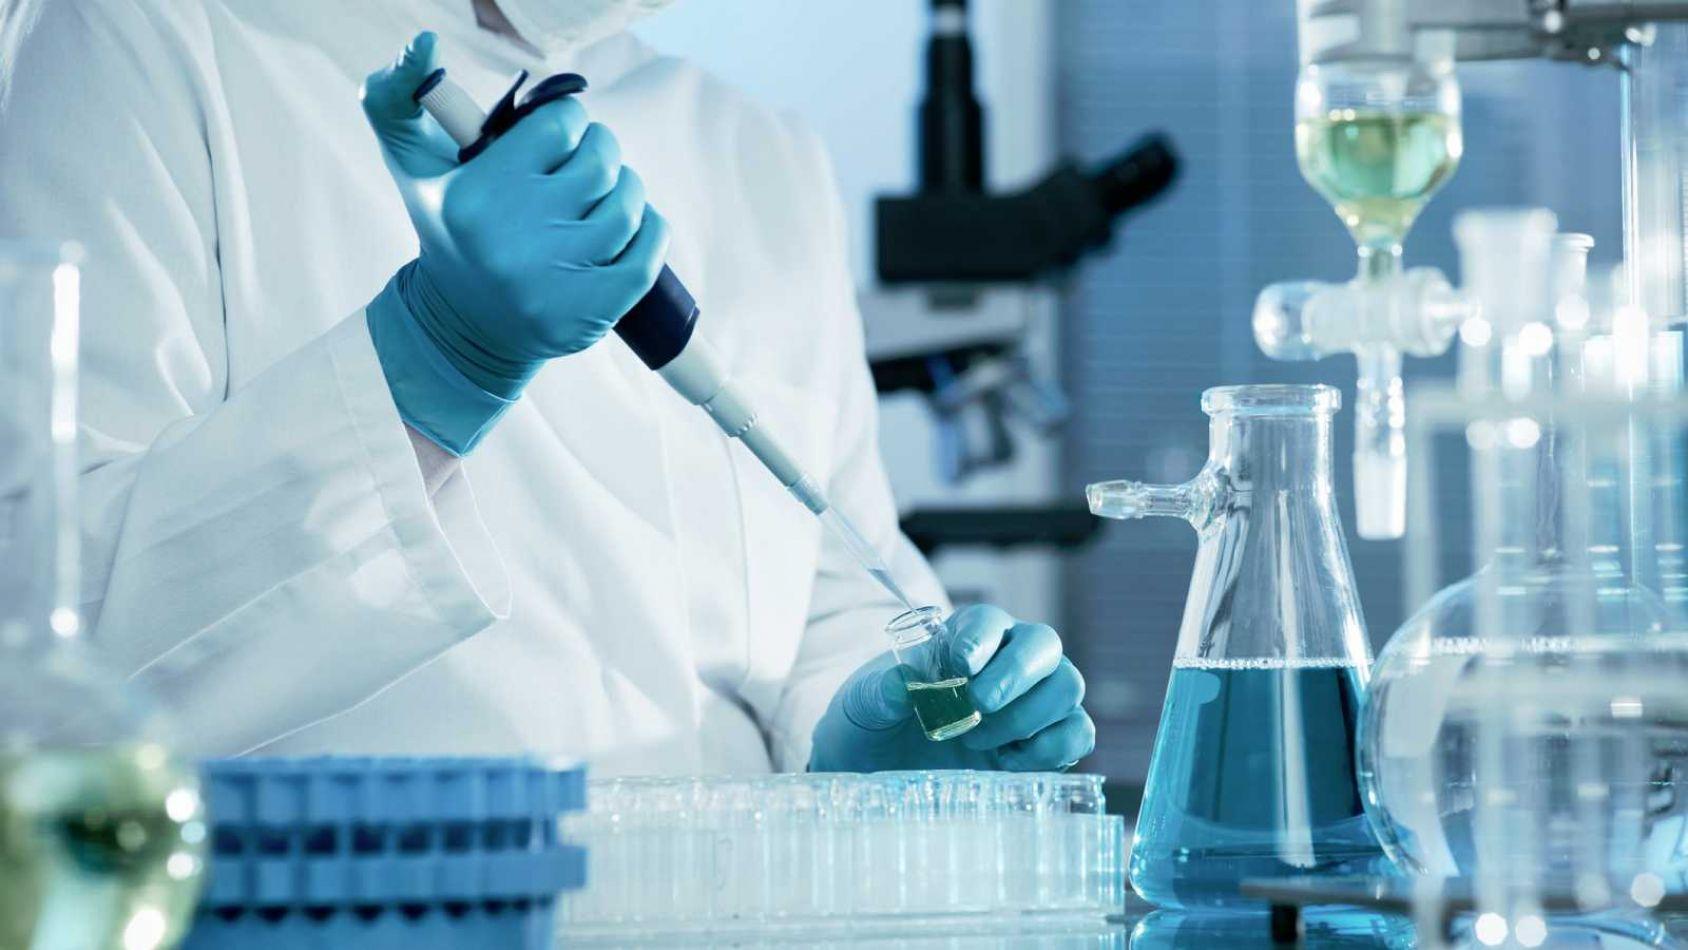 El innovador medicamento, llamado MSC-1, de cuyo desarrollo informa este martes la revista Nature Communications, se probó con éxito en modelos animal